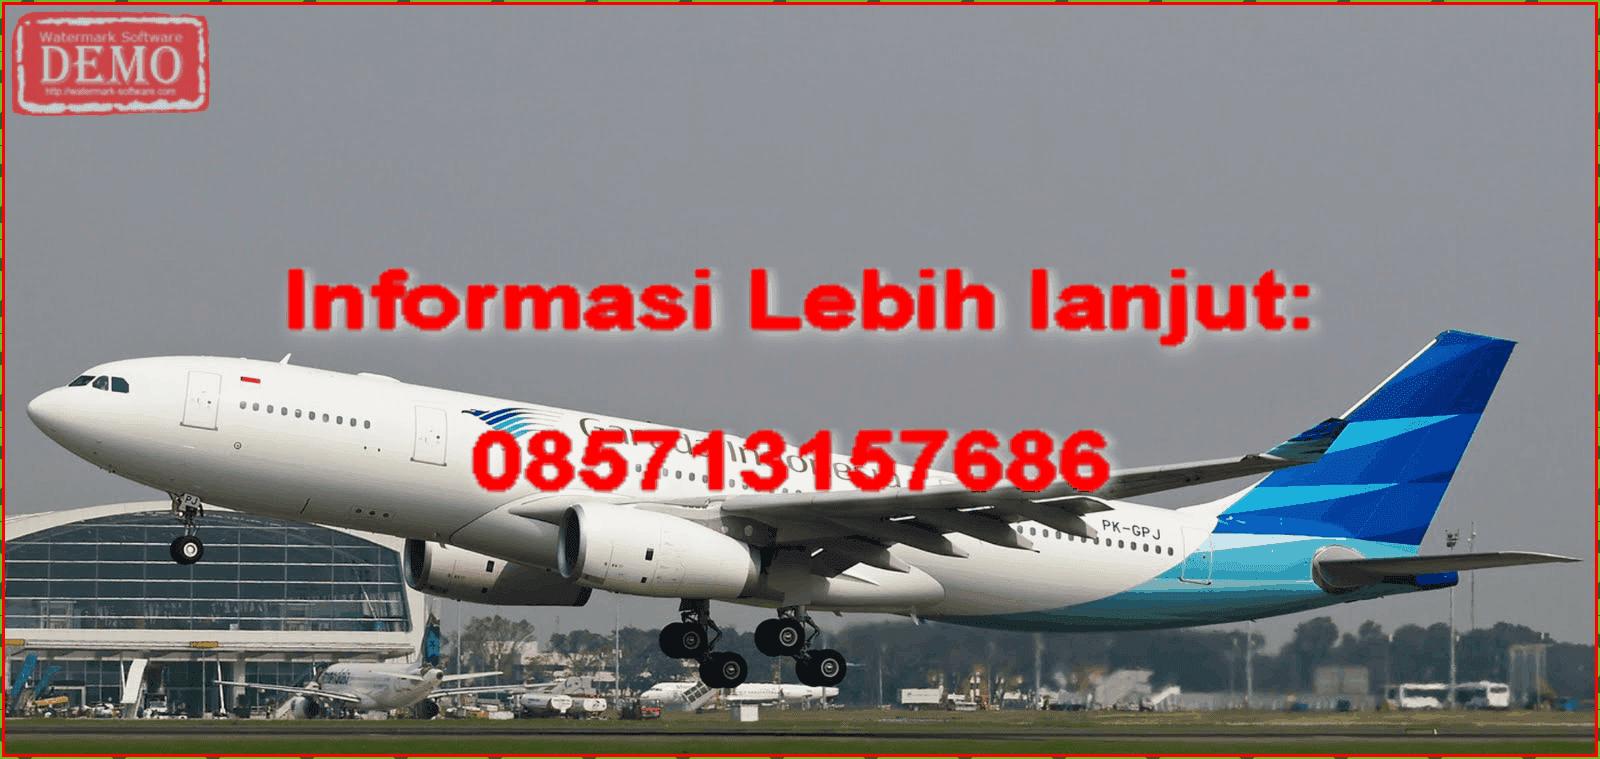 Tiket Pesawat Tour Travel Murah 085713157686 Tiket Pesawat Manokwari Tiket Pesawat Lhi Tiket Pesawat Bandar Udara Lereh Tiket Pesawat Jayapura Tiket Pesawat Ats